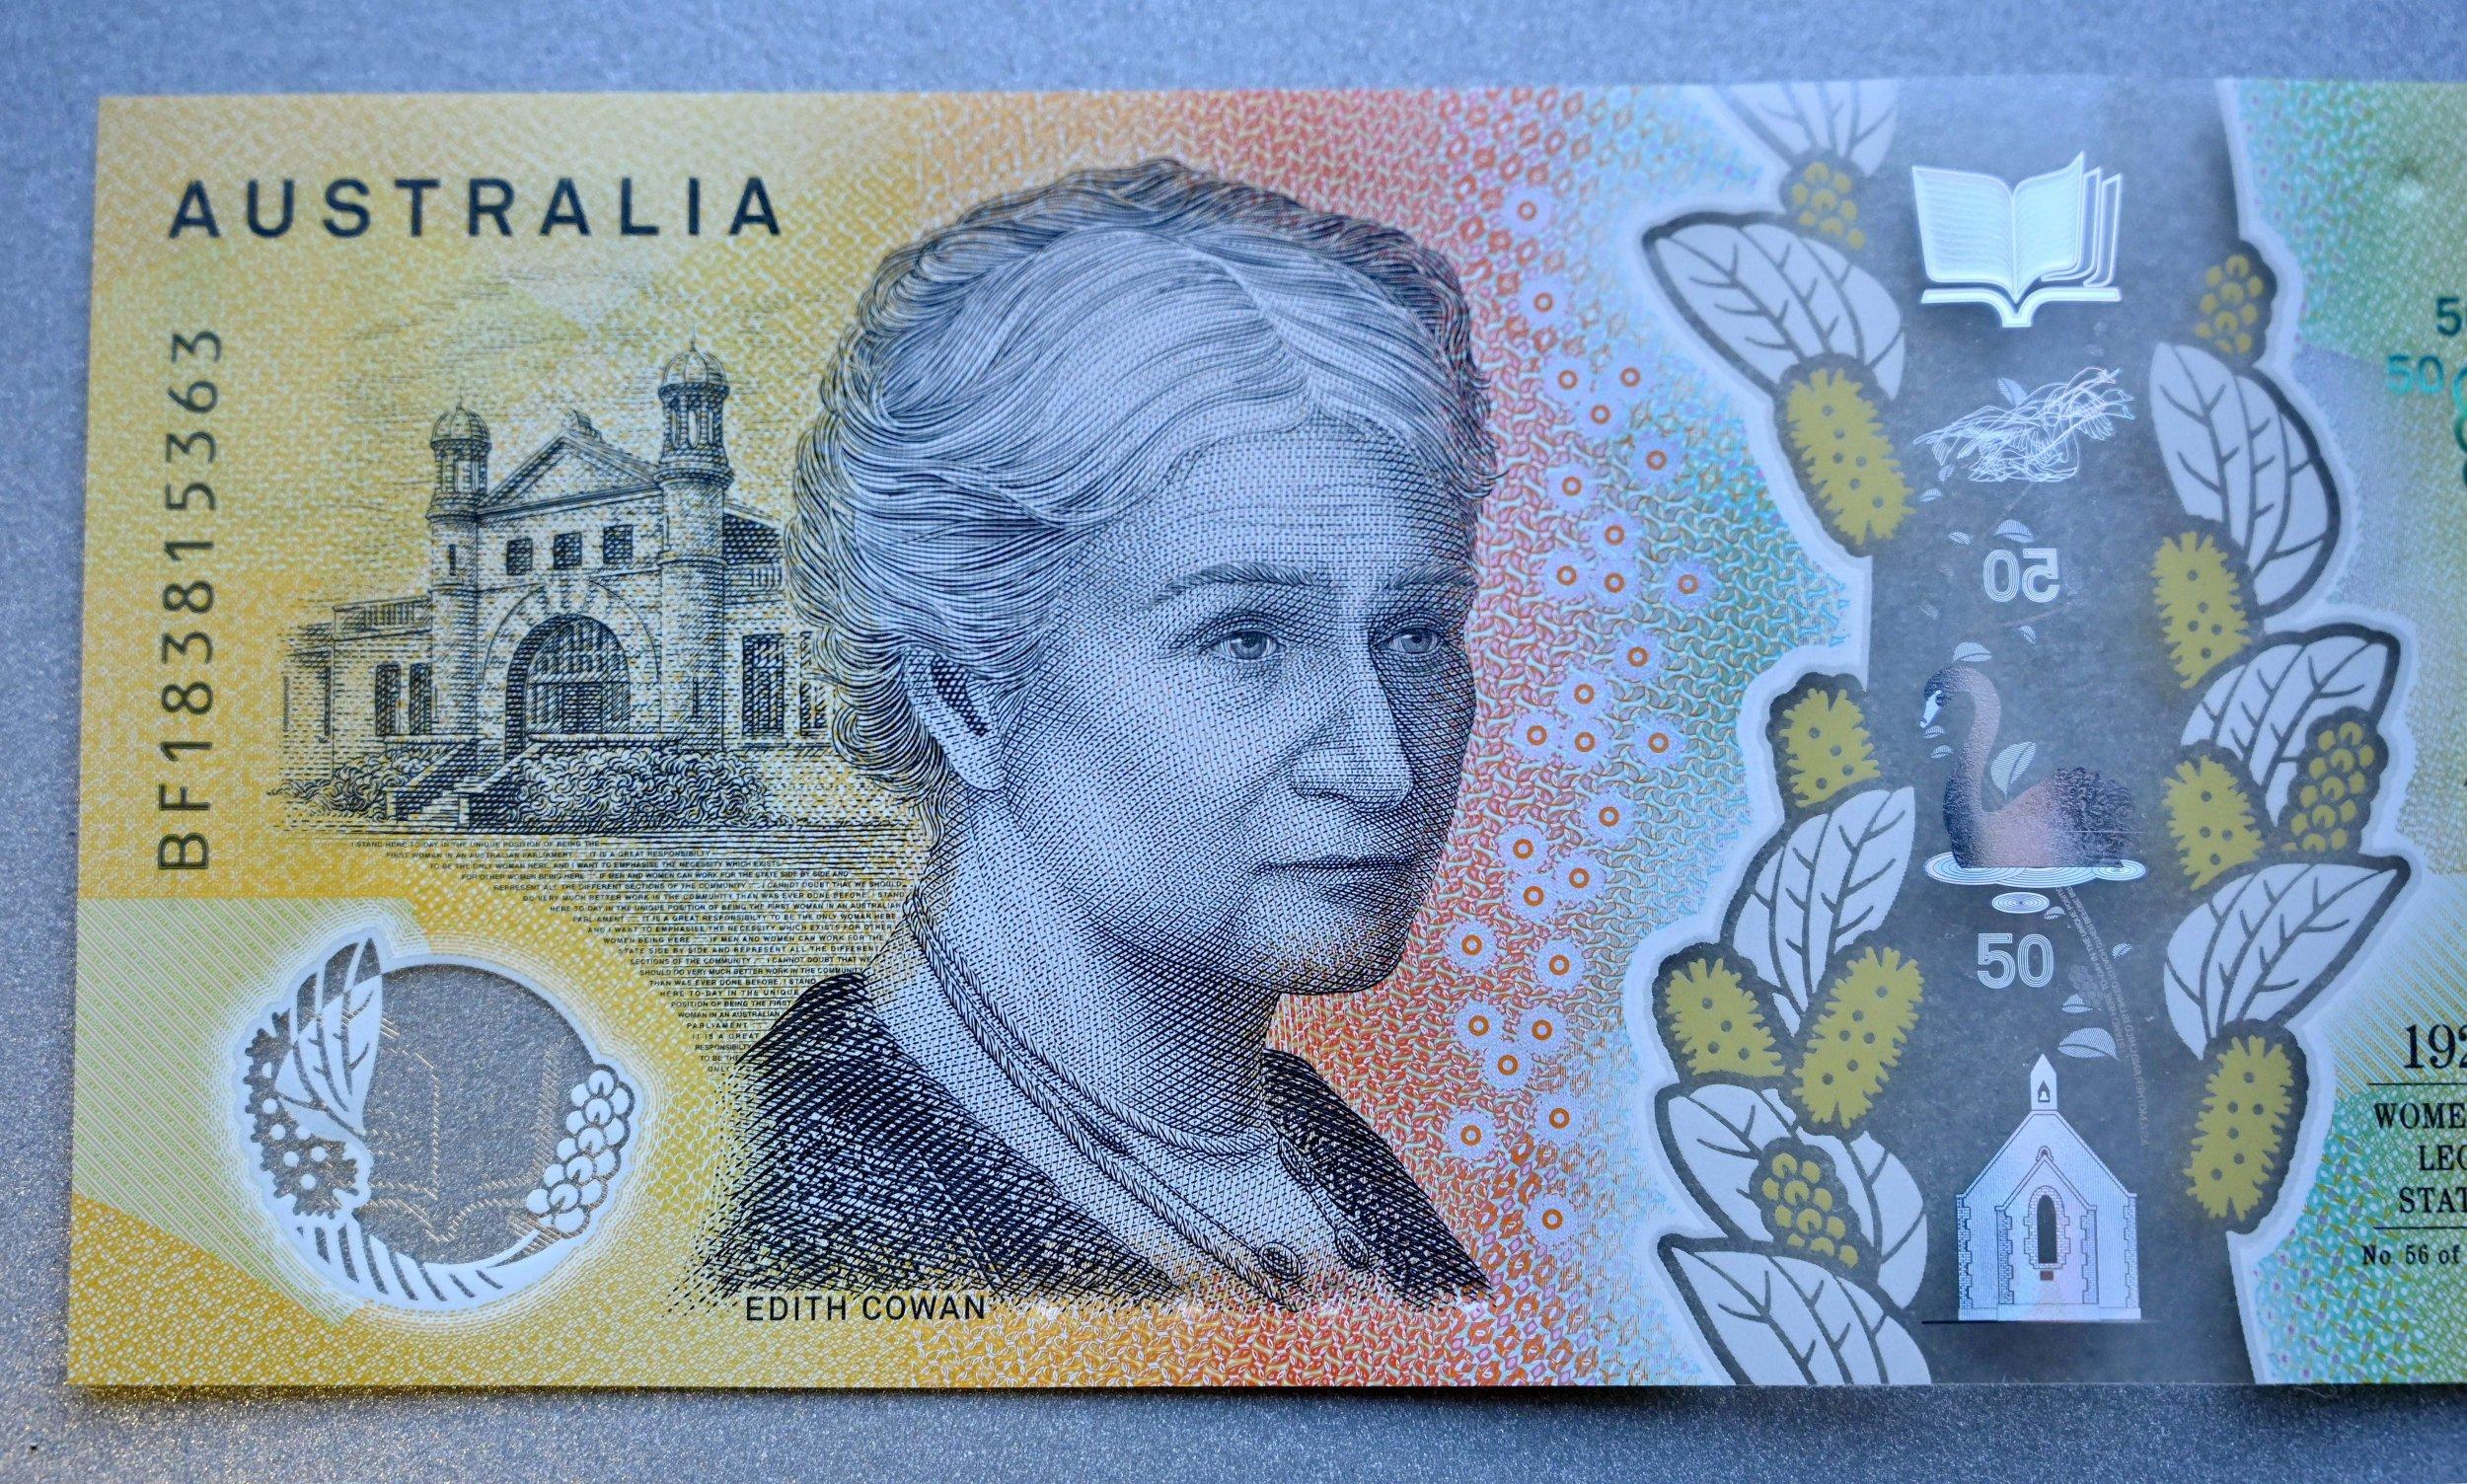 Australia, $50, mispelled